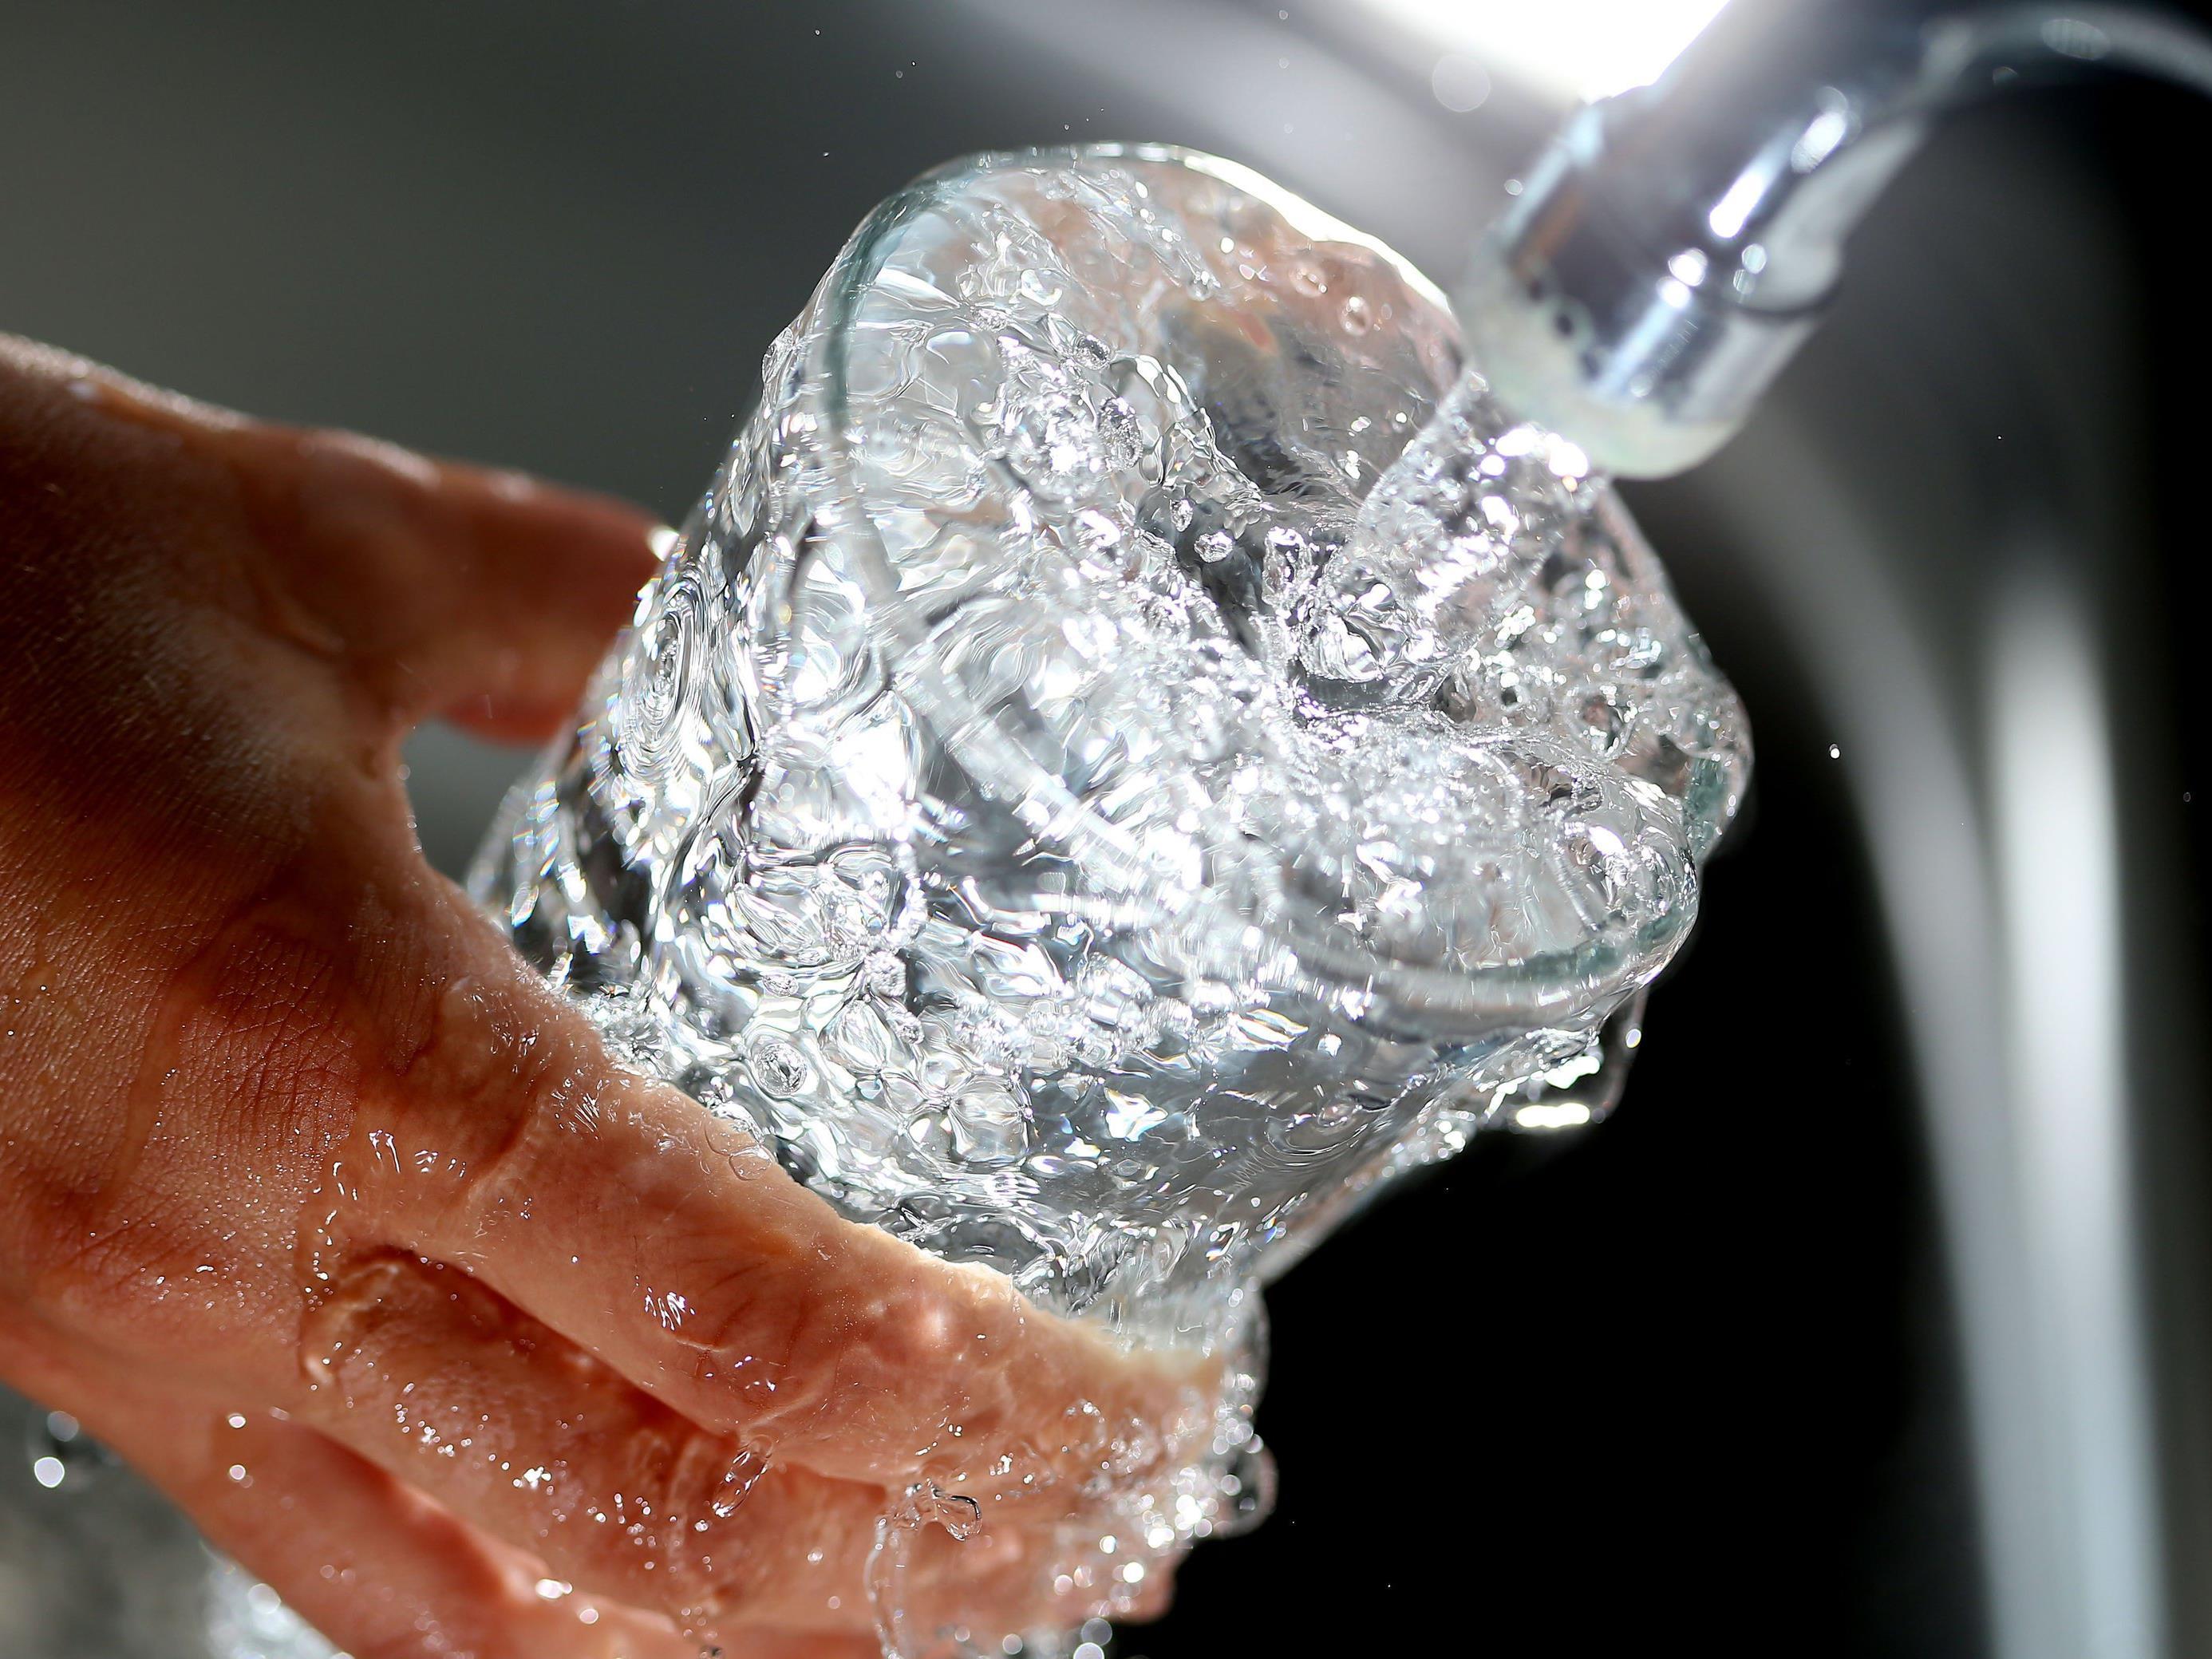 Die Stadt Feldkrich und der trinkwasserverband Rheintal haben sich auf den Bau eines neuen, 18 Millionen Euro teuren, Trinkwasserbrunnens geeinigt.